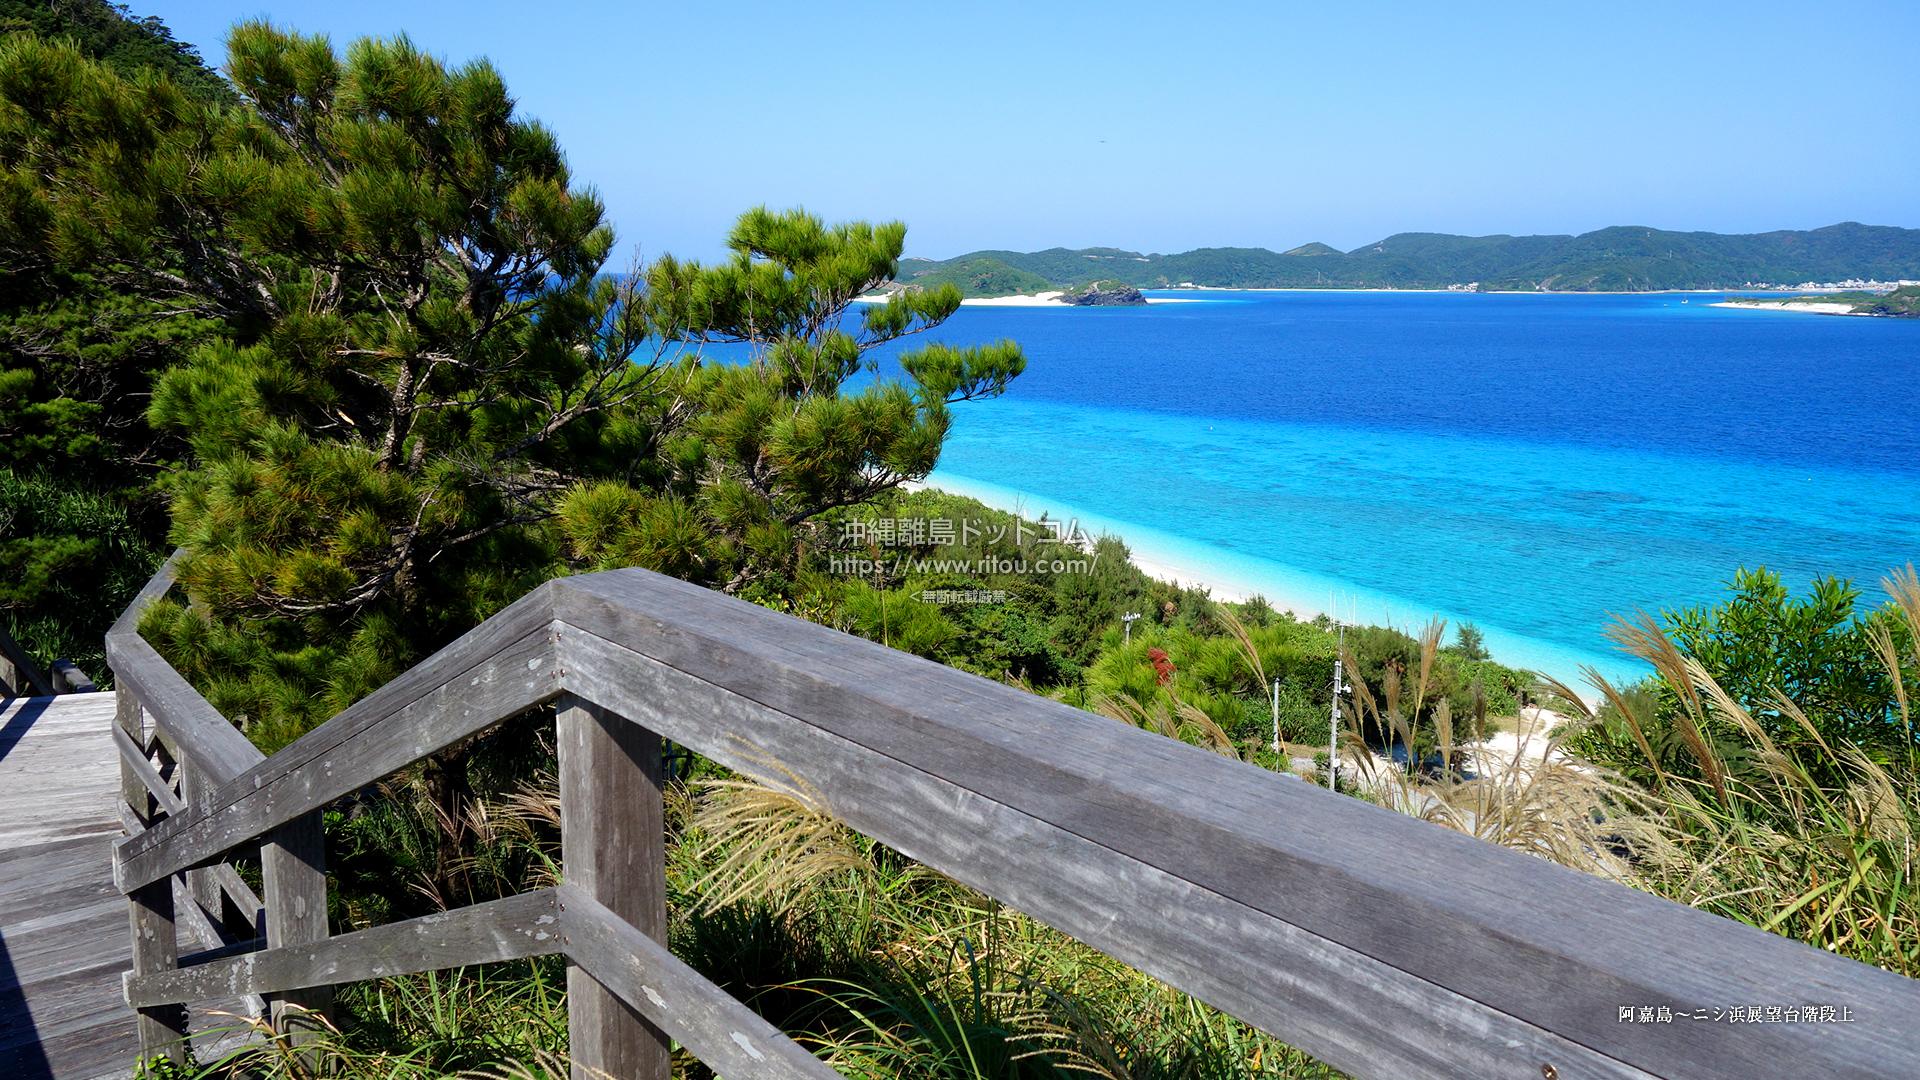 阿嘉島〜ニシ浜展望台階段上